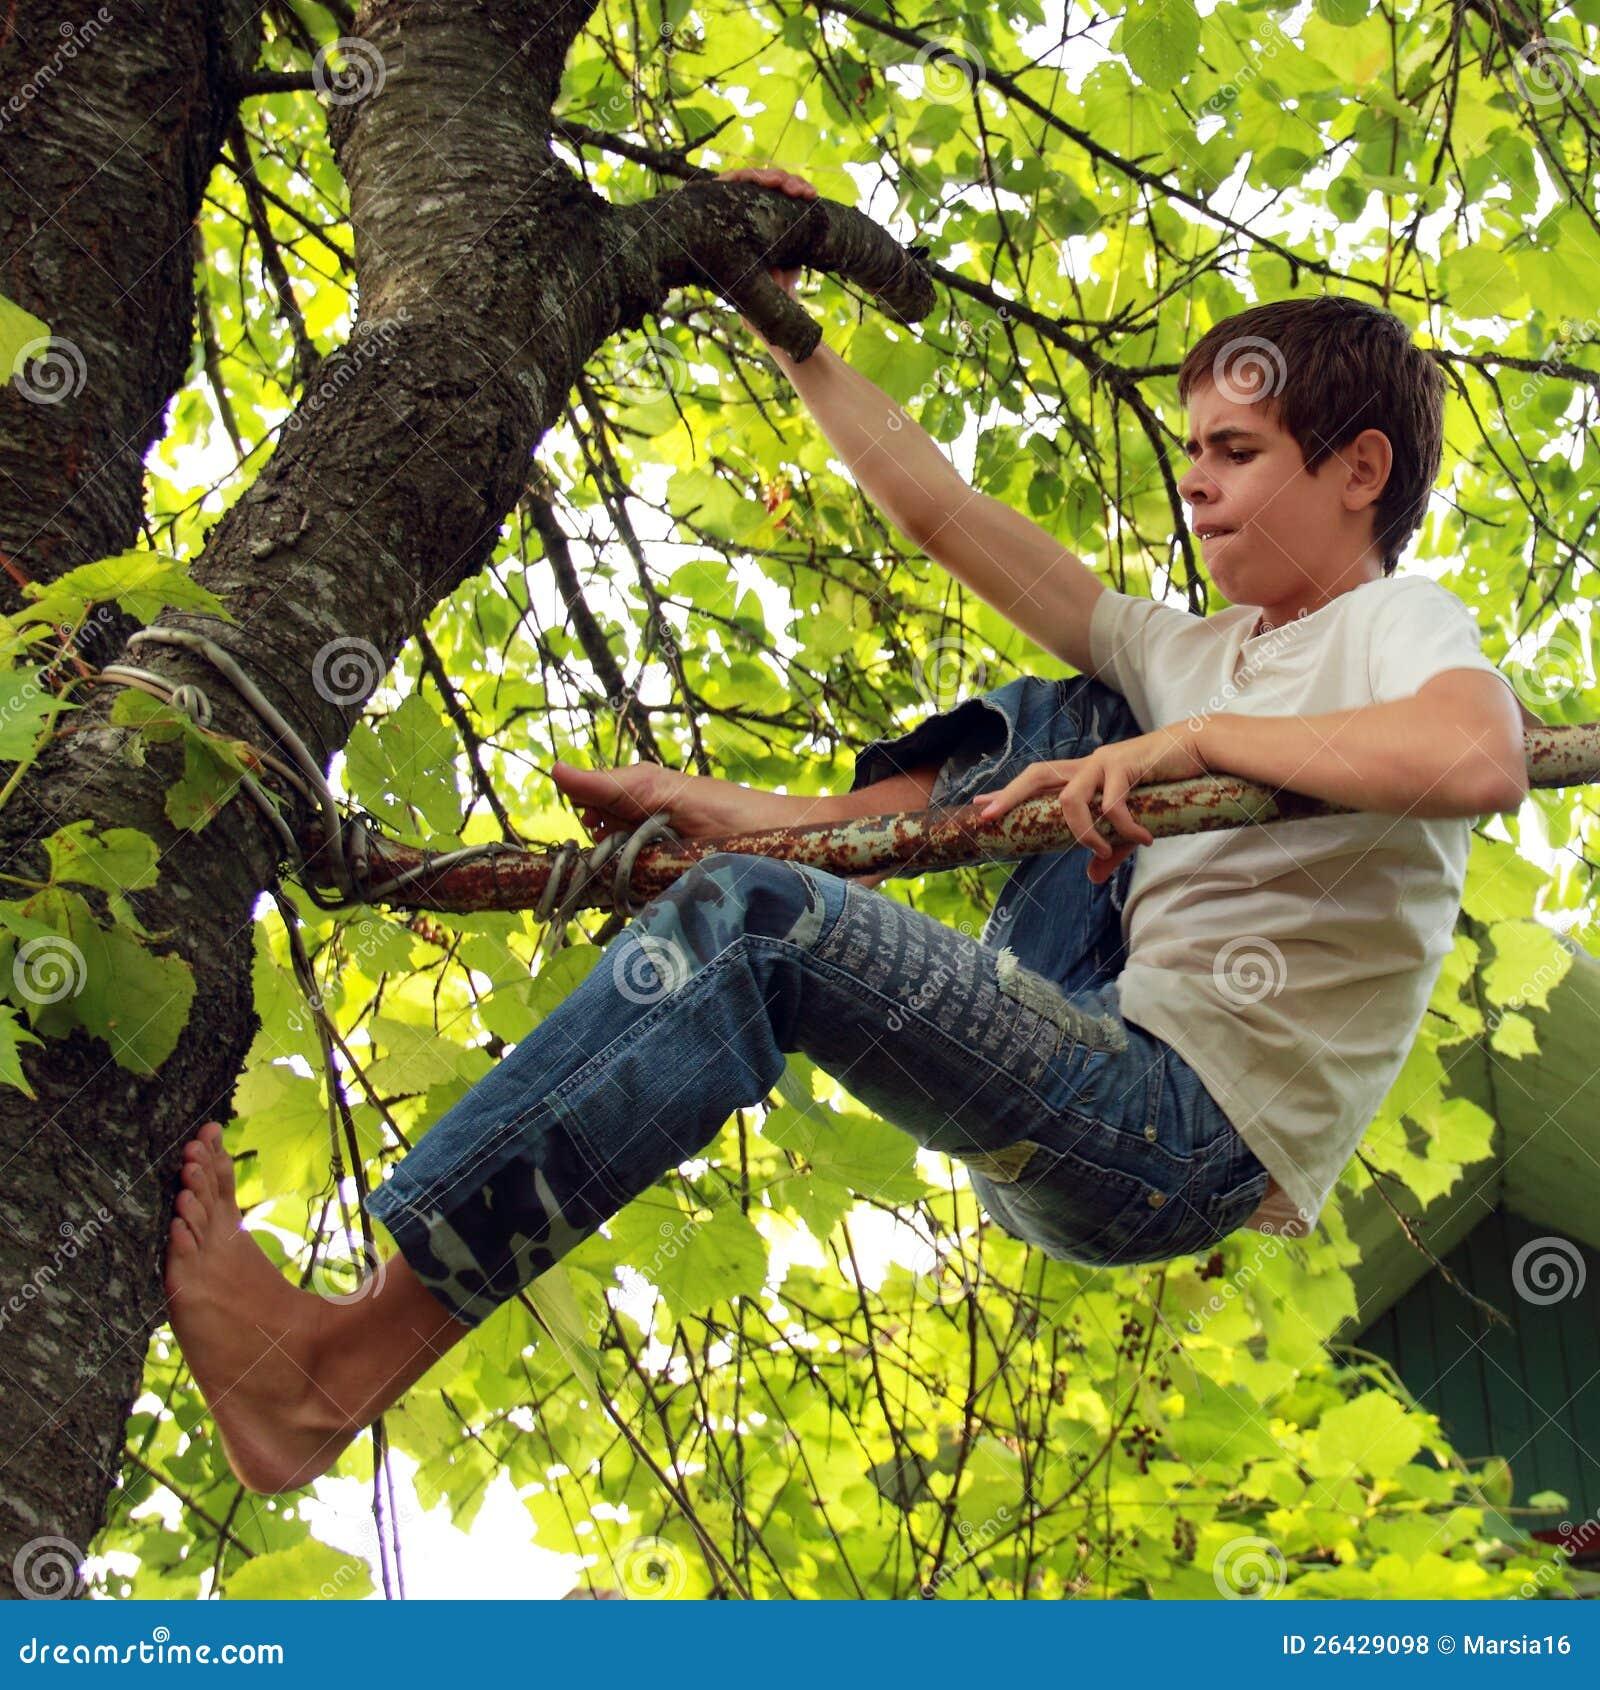 Climb A Tree Royalty Free Stock Photos - Image: 26429098